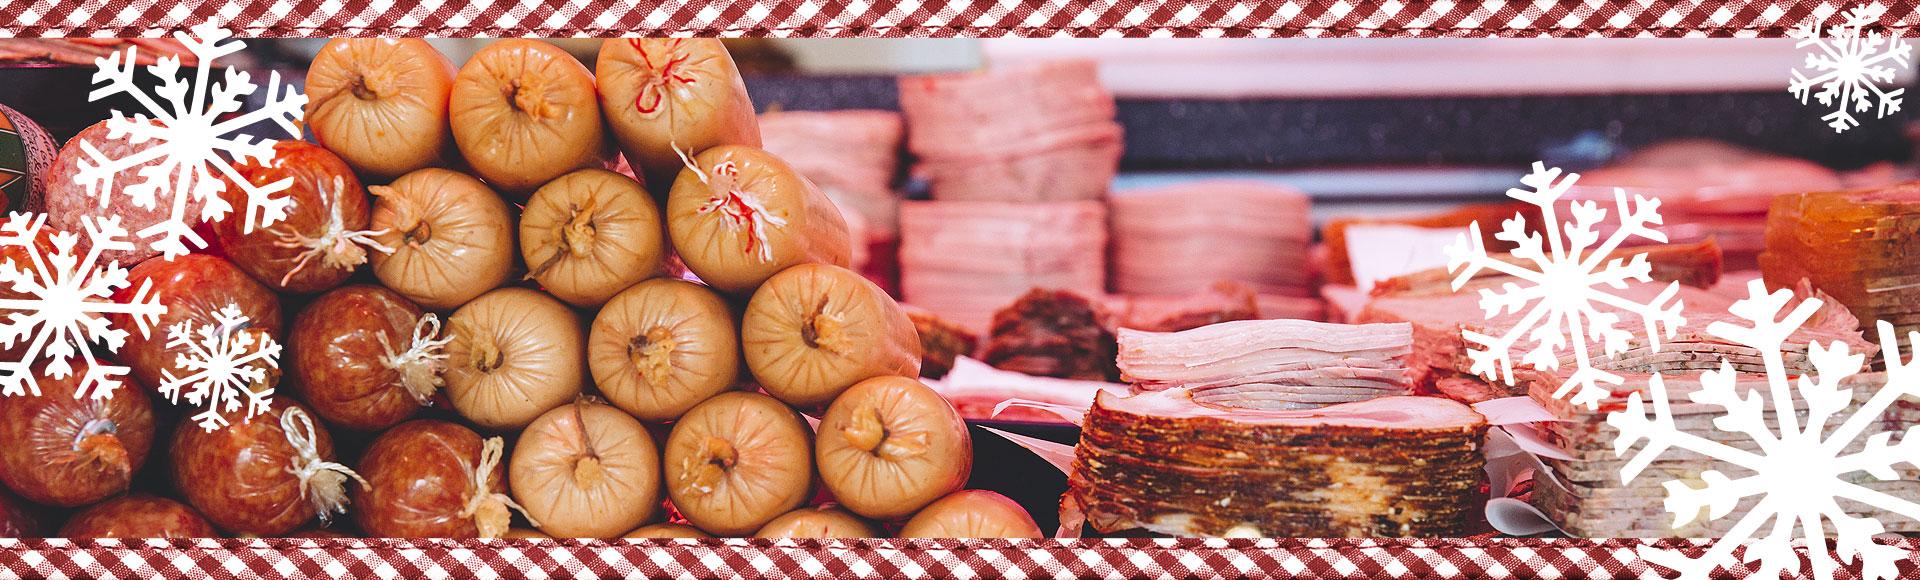 fleischerei_erkes_glehn_Weihnachtsbestellungen